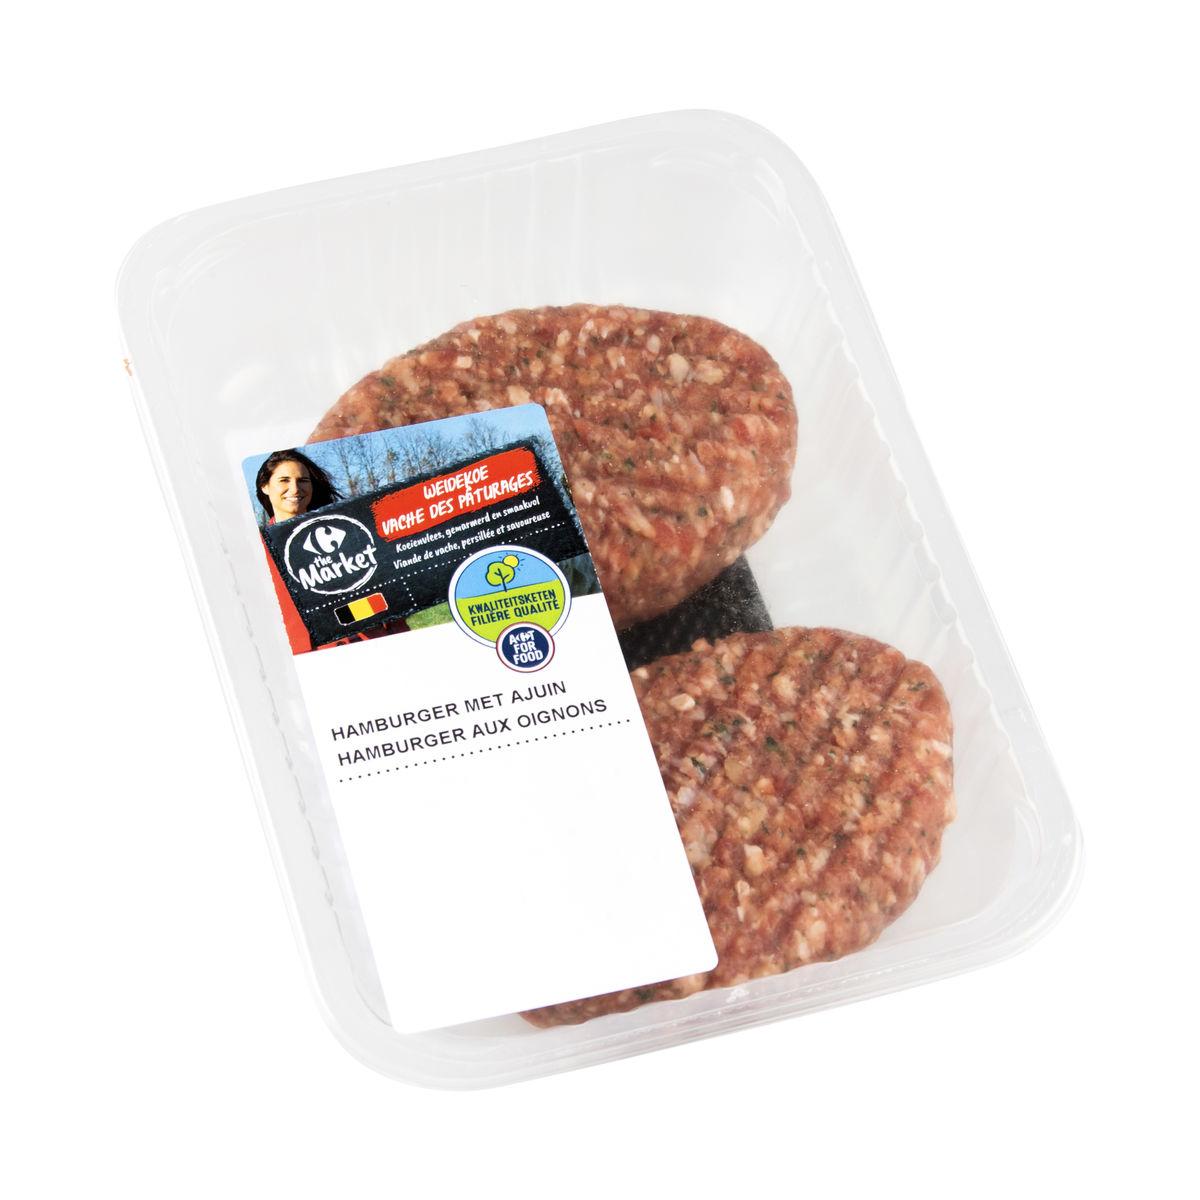 Carrefour FQC Hamburger Oignons Persil Vache des Pâturage